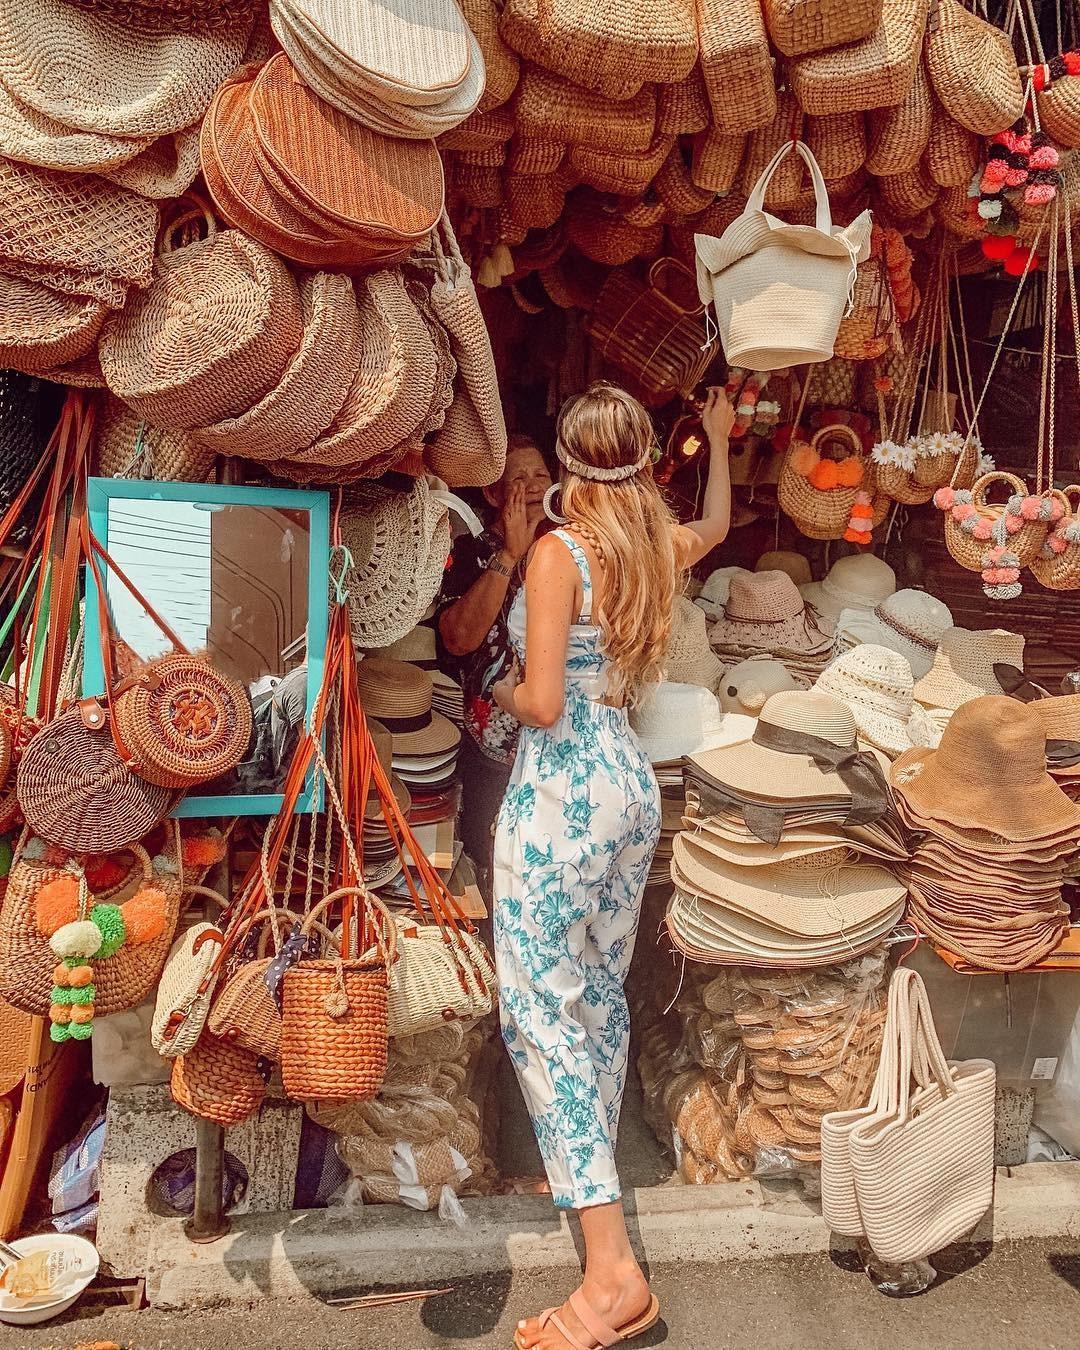 Những sản phẩm thủ công tinh xảo, đẹp mắt được bày bán phổ biến ở Thái Lan